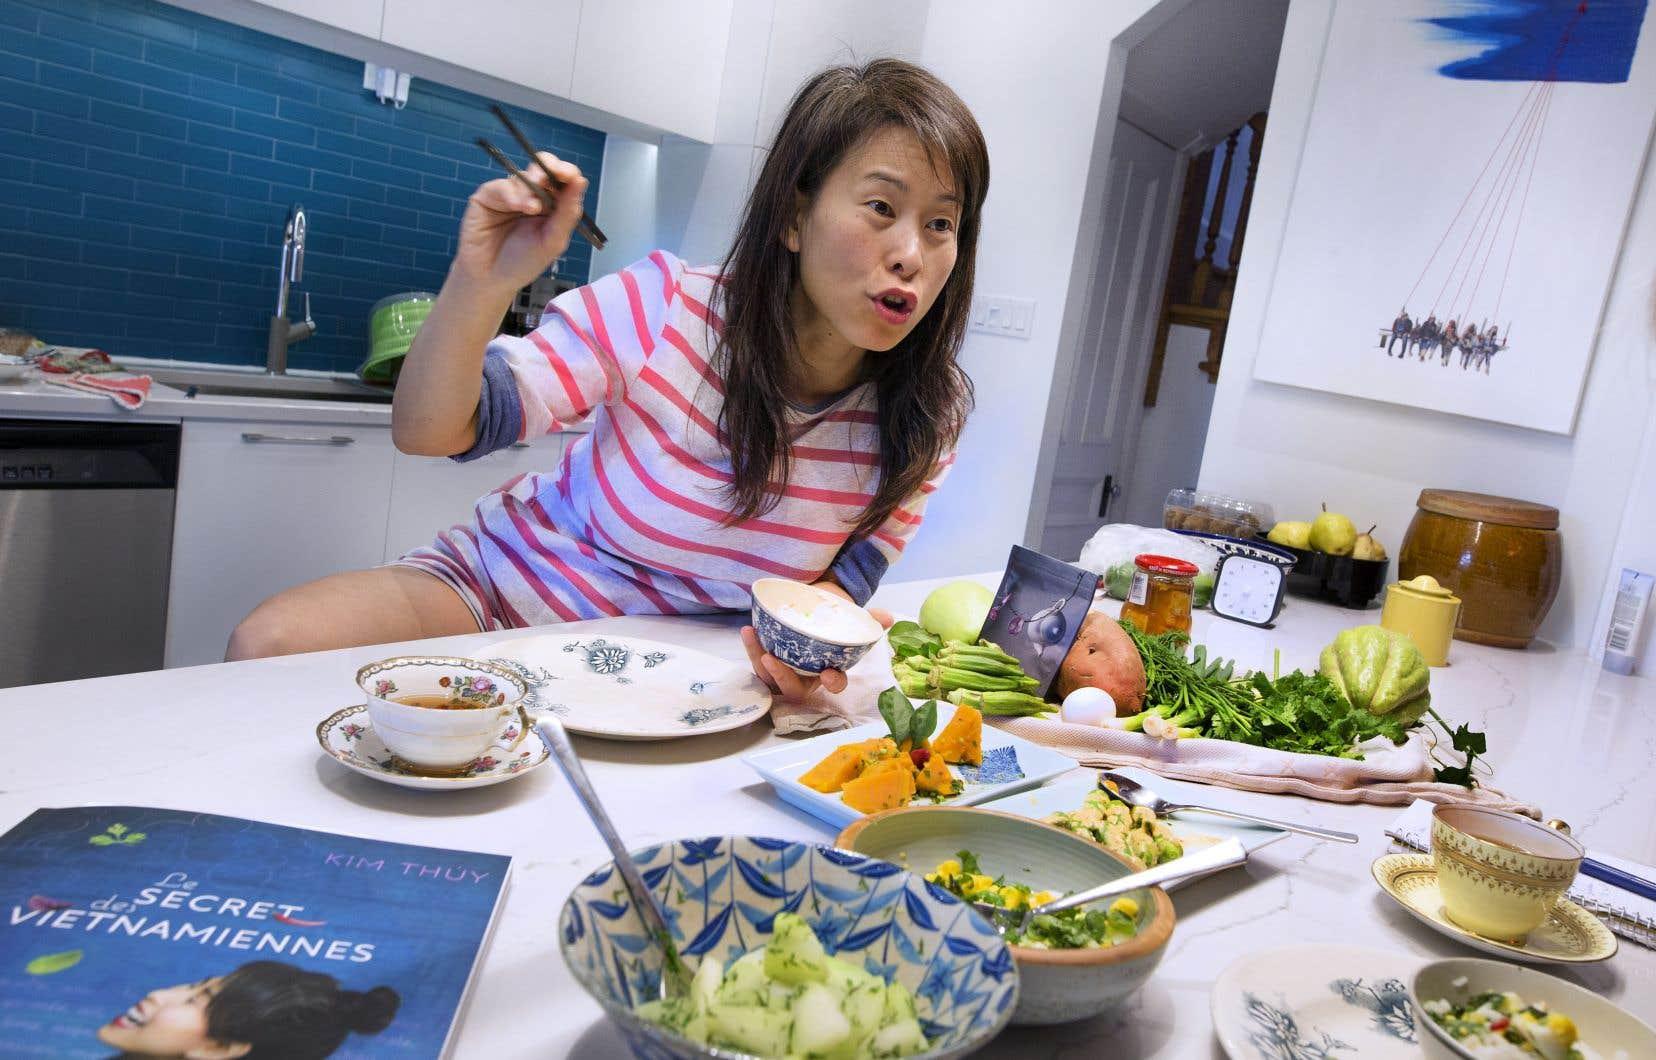 Passionnée par la langue et l'art culinaire, par tout ce qui rassemble et permet de transmettre la culture, l'auteure Kim Thúy nous invite dans sa cuisine, lieu de toutes les confidences.